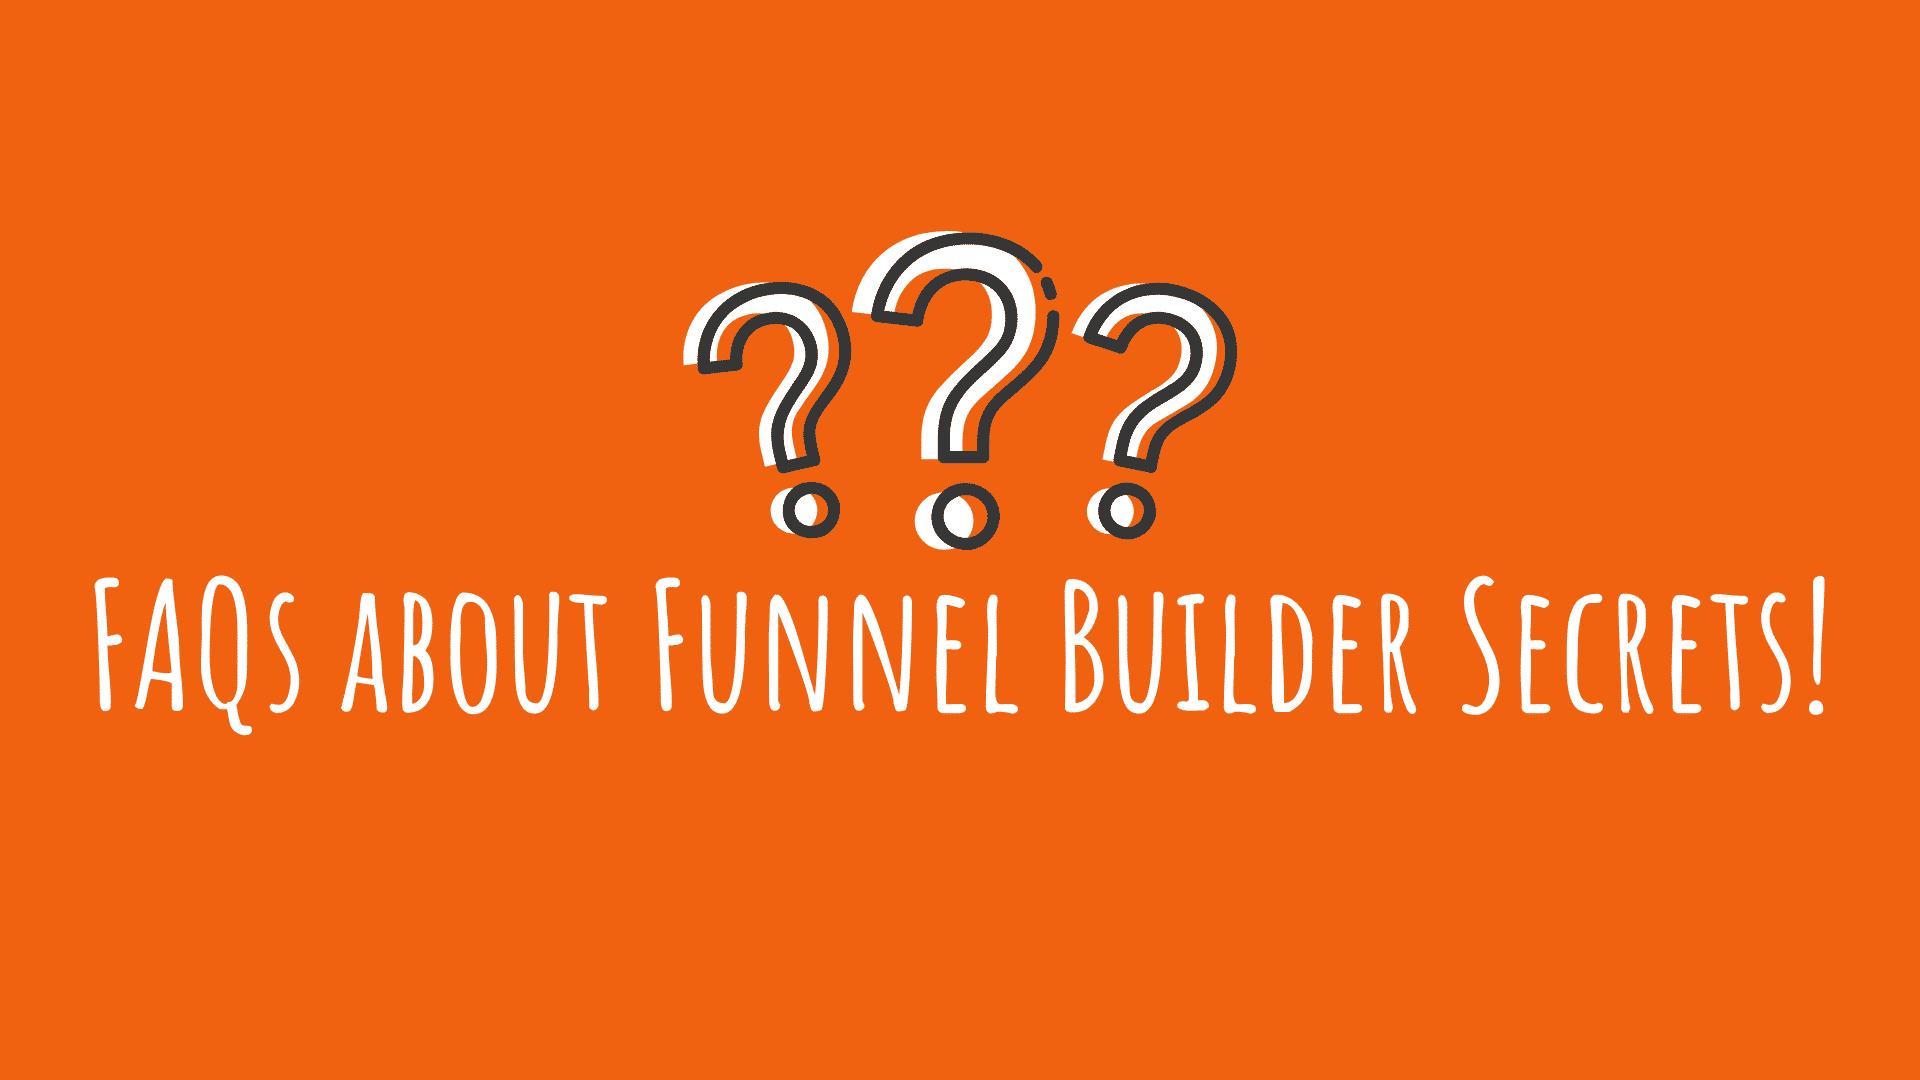 FAQs about Funnel Builder Secrets